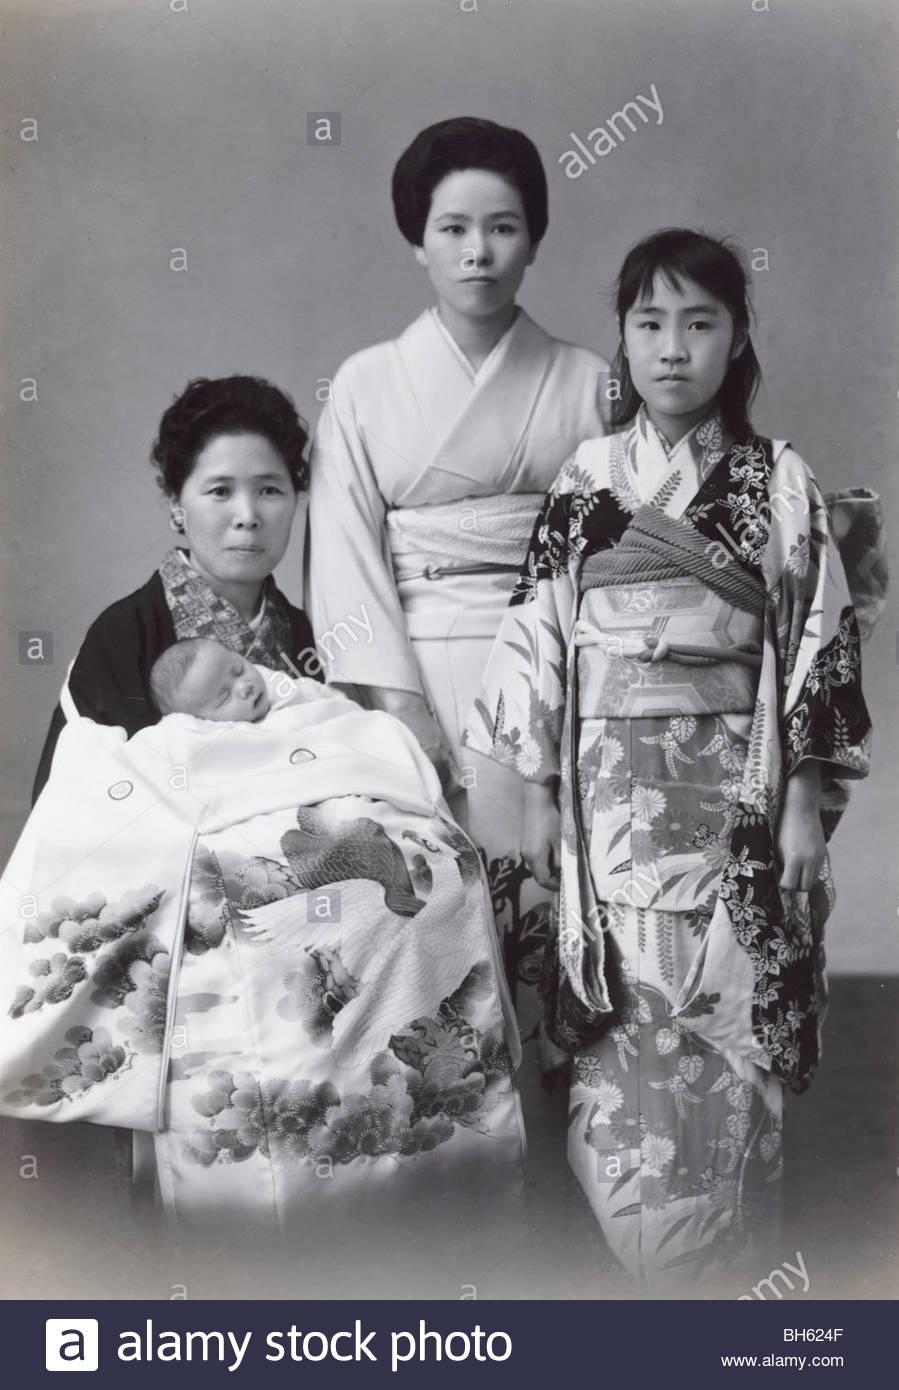 Retrato oficial de las mujeres japonesas con new born baby 1965 Imagen De Stock